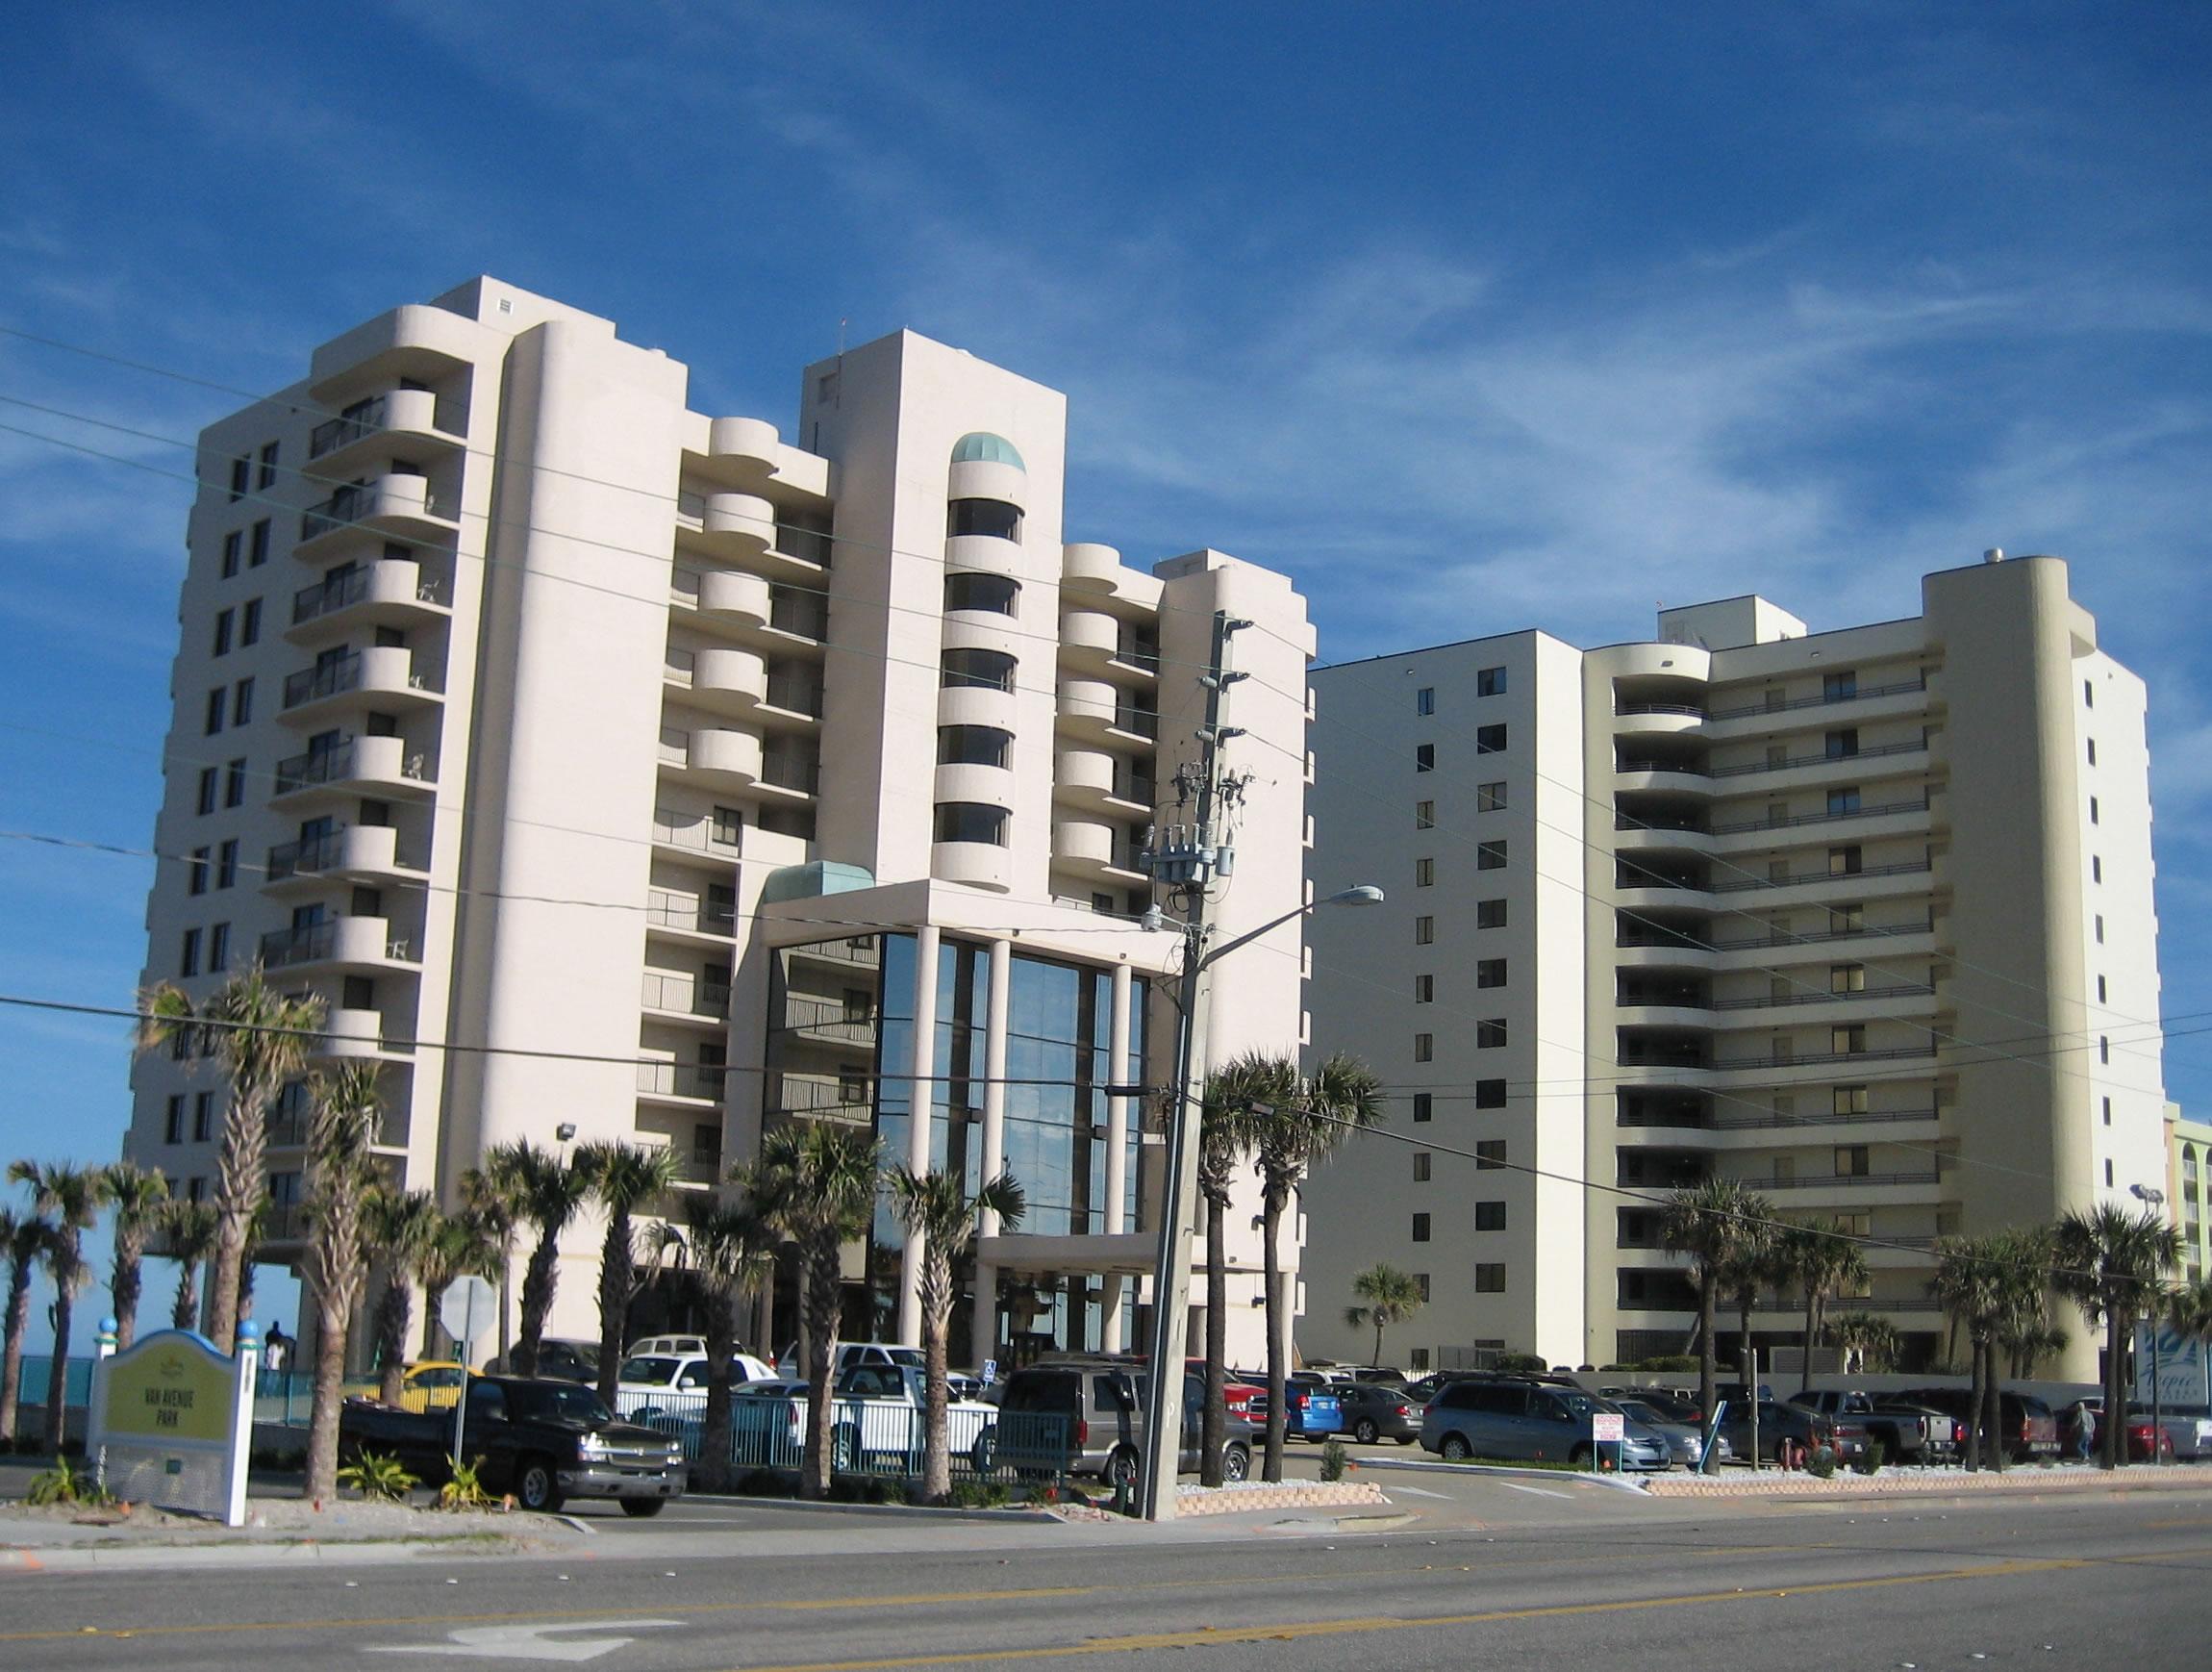 Sand Dollar Condo Daytona Beach Fl